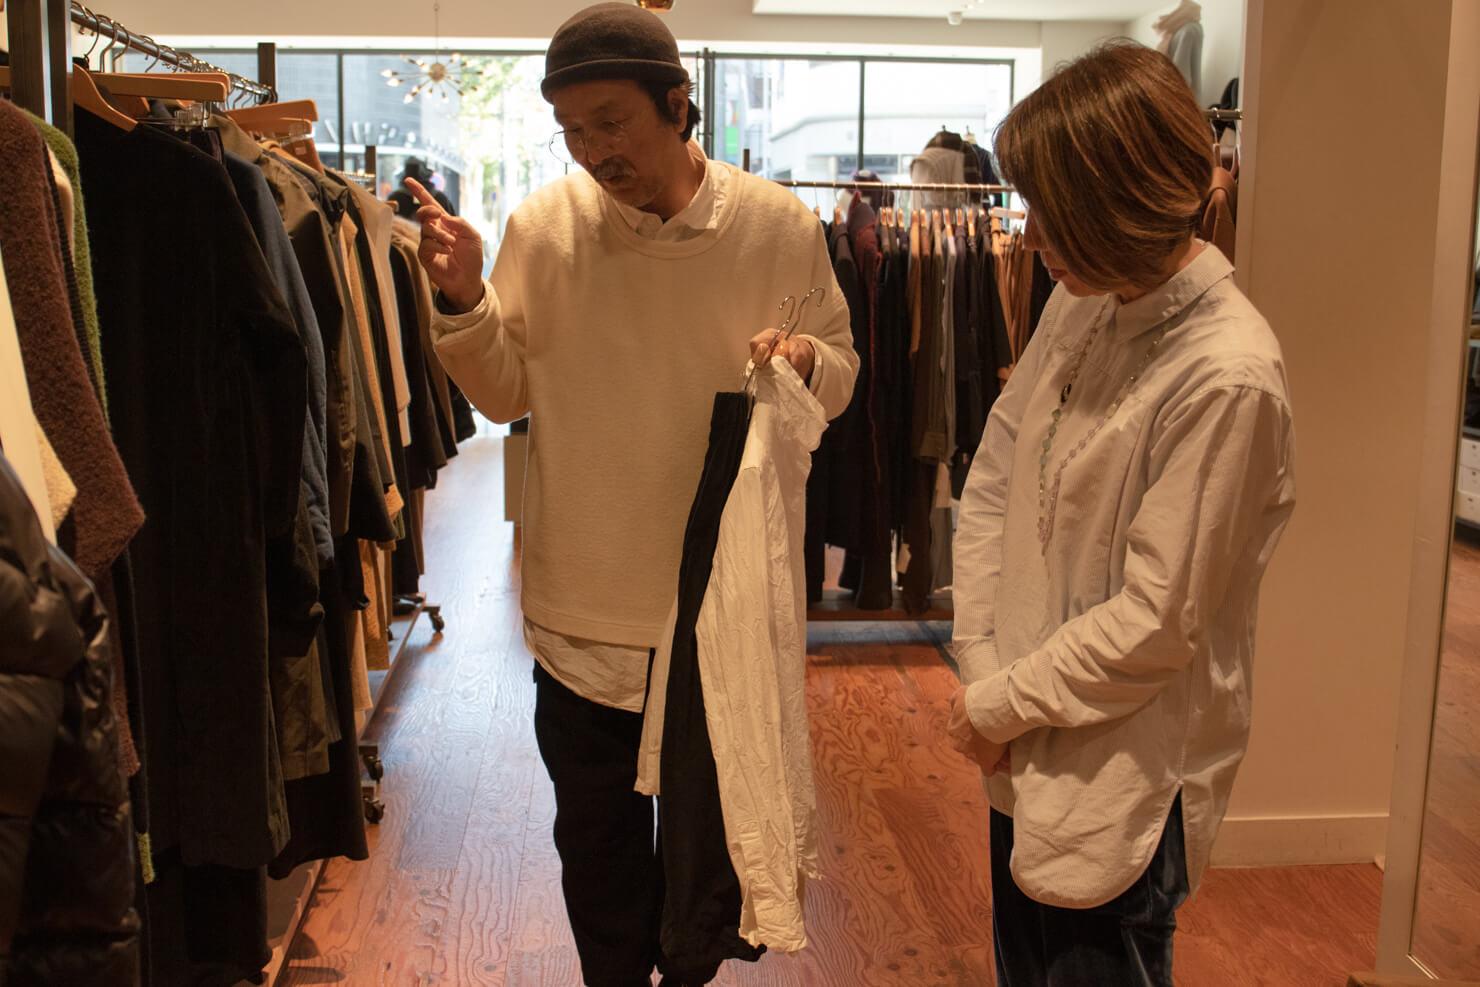 浅田さんがケーシーケーシーのブラウスとスカートを持っている写真